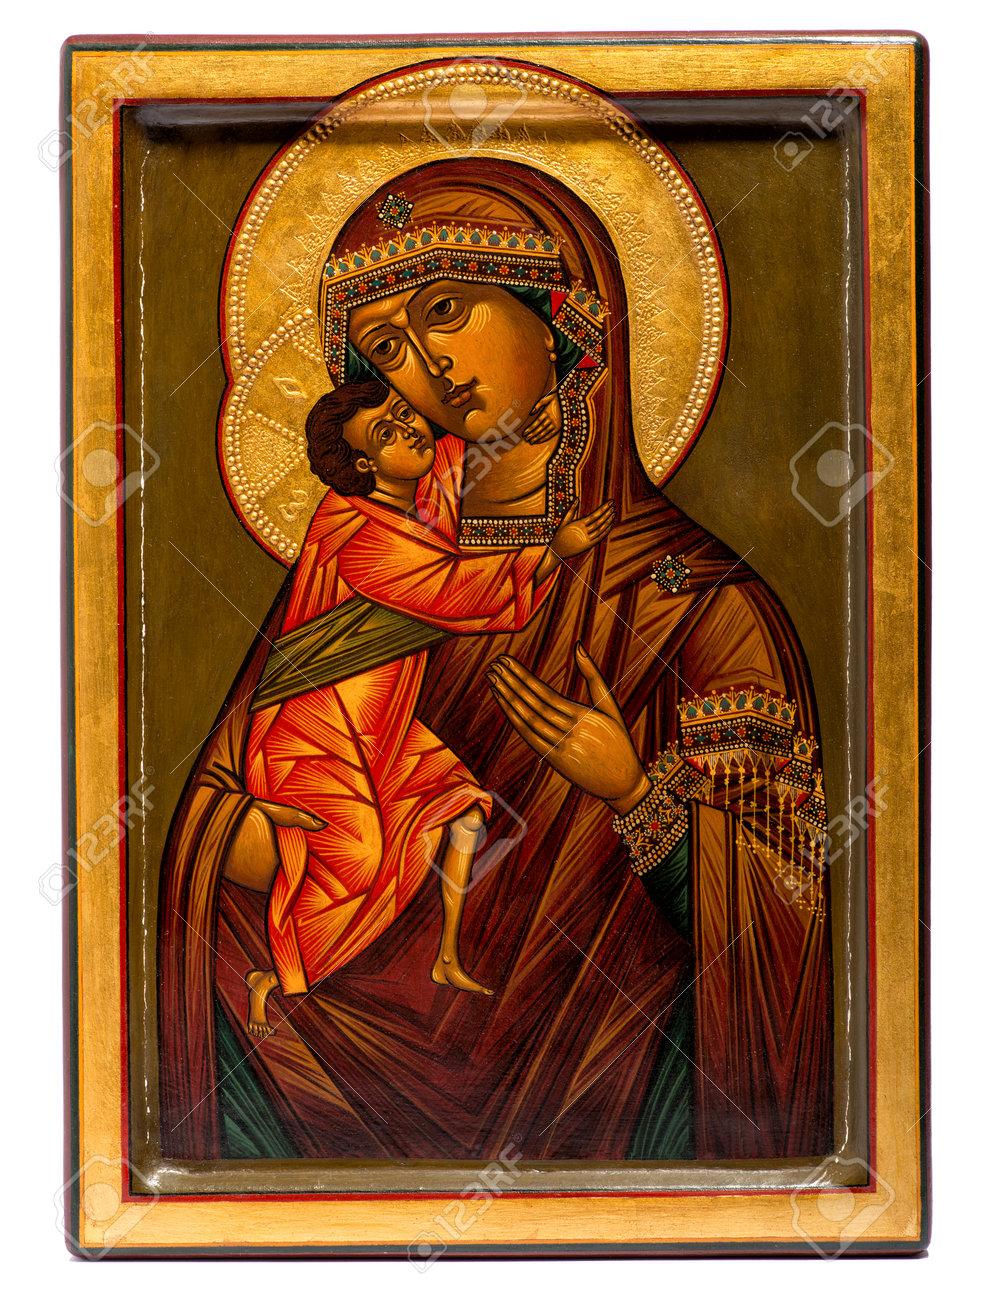 Hölzerne Gemalte Religiöse Christliche Ikone Der Jungfrau Maria Und ...